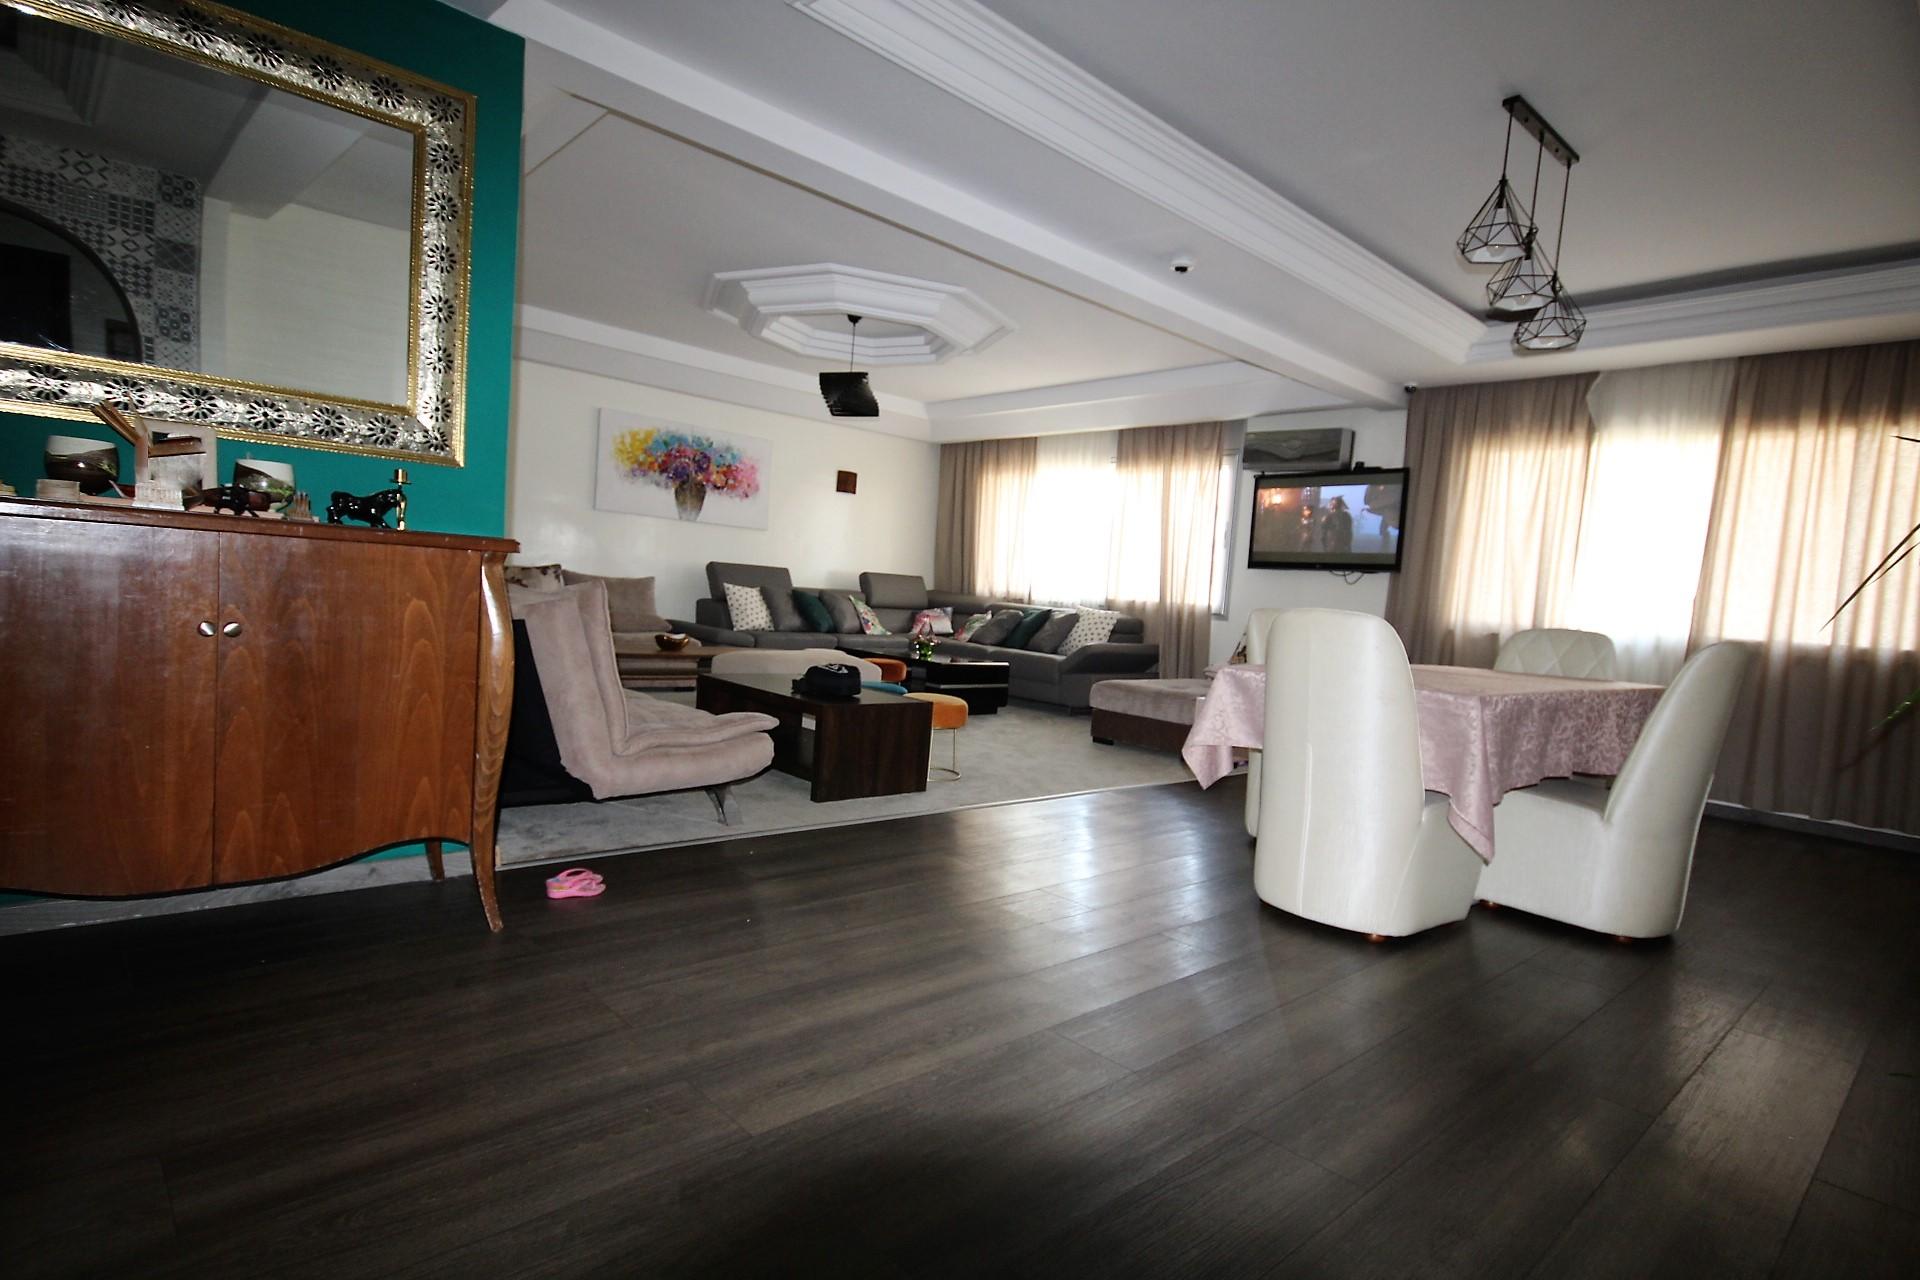 Maroc, Casablanca, Gauthier à louer luxueux appartement lumineux de 200 M² en étage élevé